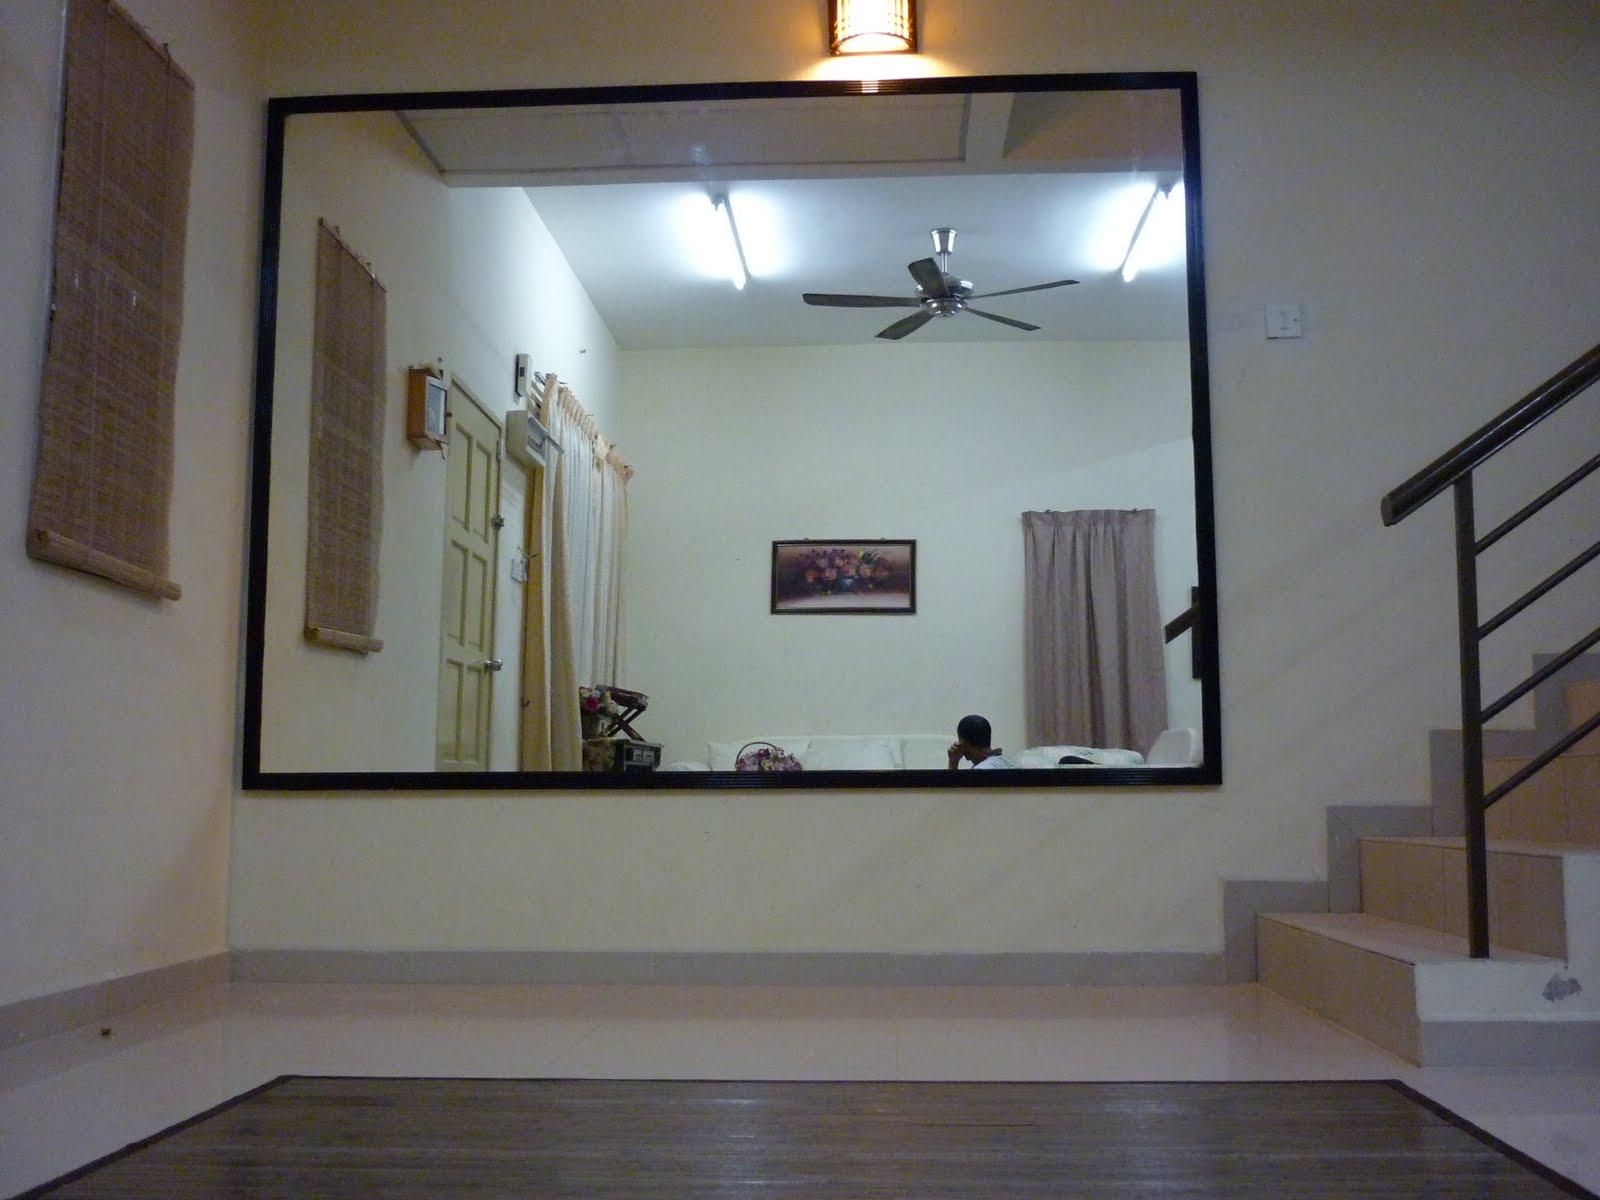 Cermin Dinding 6 Tinggi X 8 Lebar Rm 750